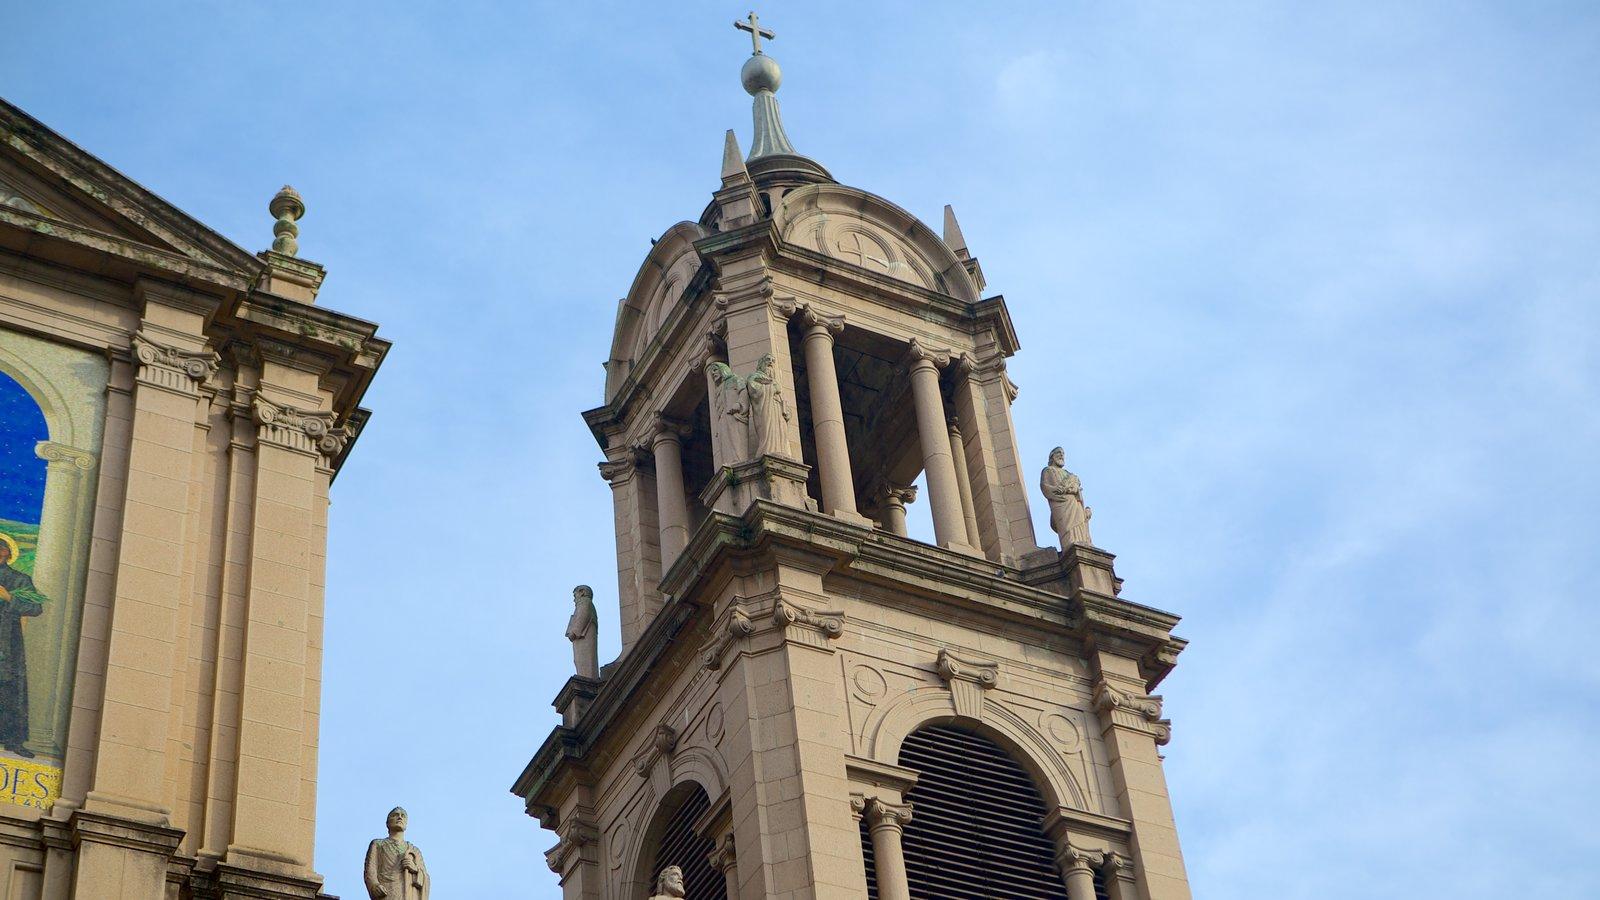 Catedral Metropolitana que inclui elementos religiosos, arquitetura de patrimônio e uma igreja ou catedral